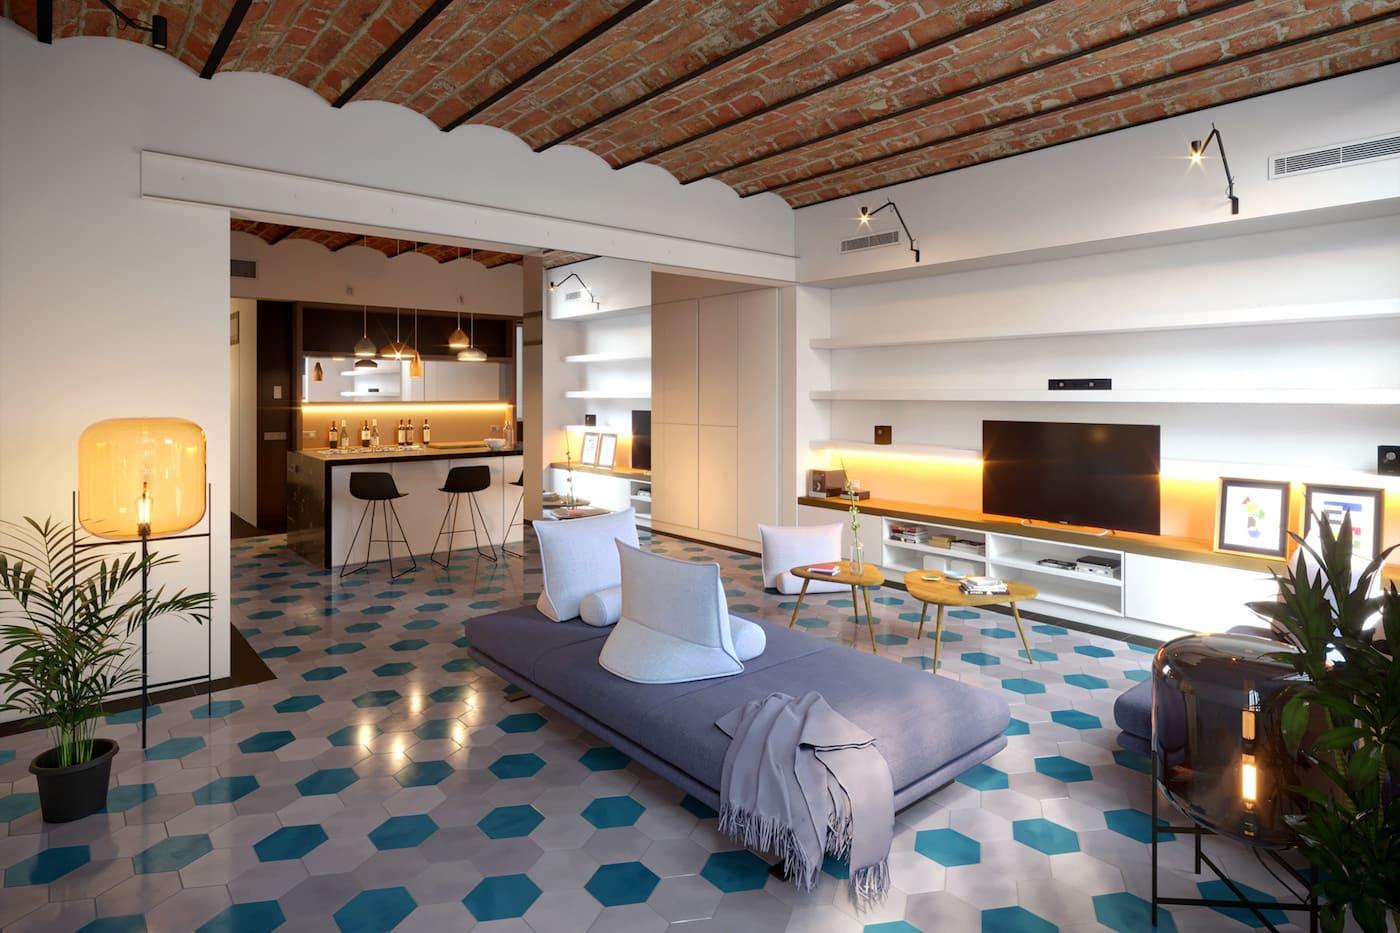 красивый дизайн потолка фото 22